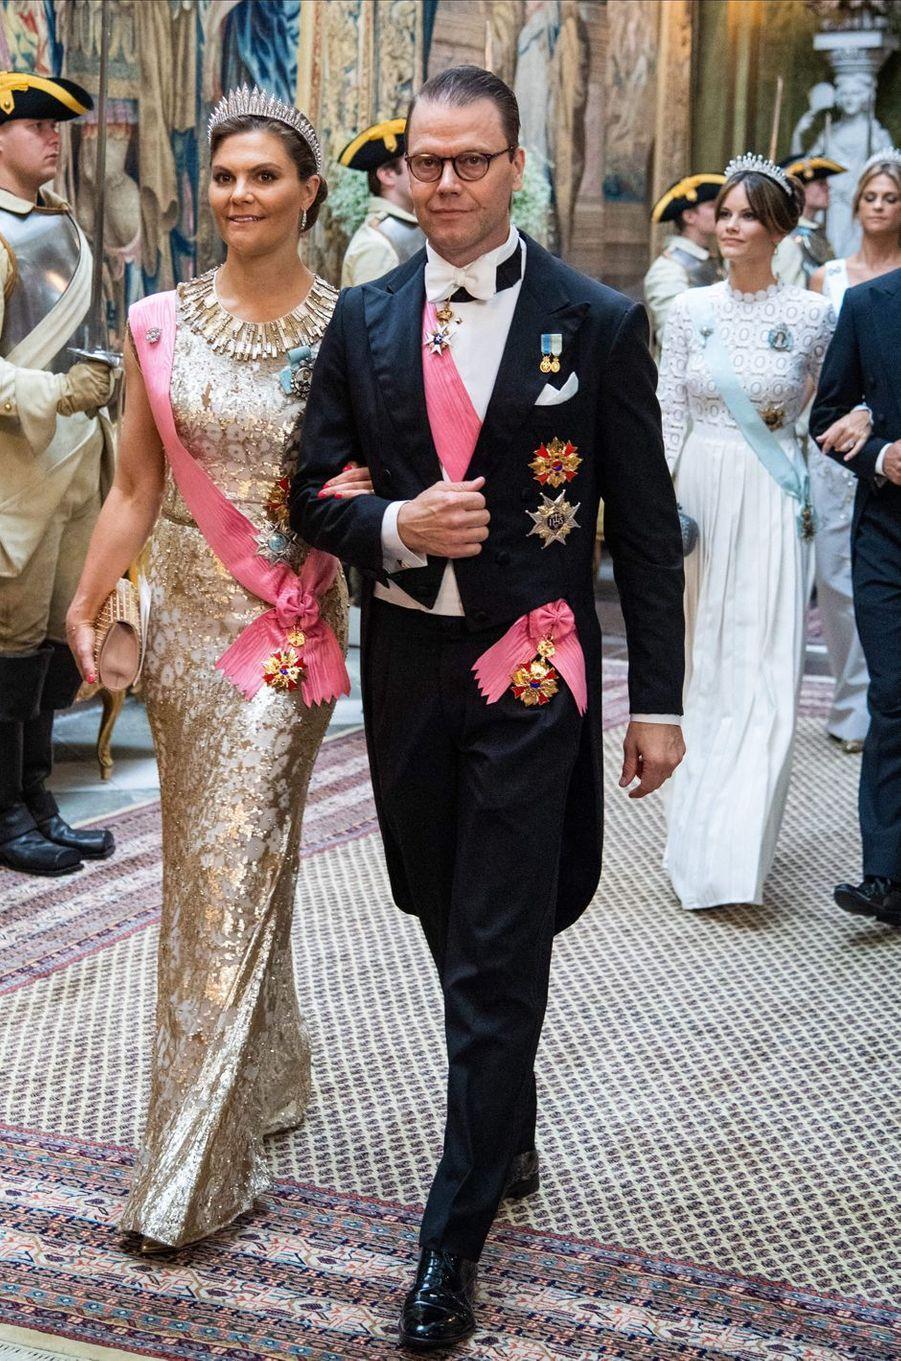 La princesse Victoria de Suède et le prince consort Daniel à Stockholm, le 14 juin 2019